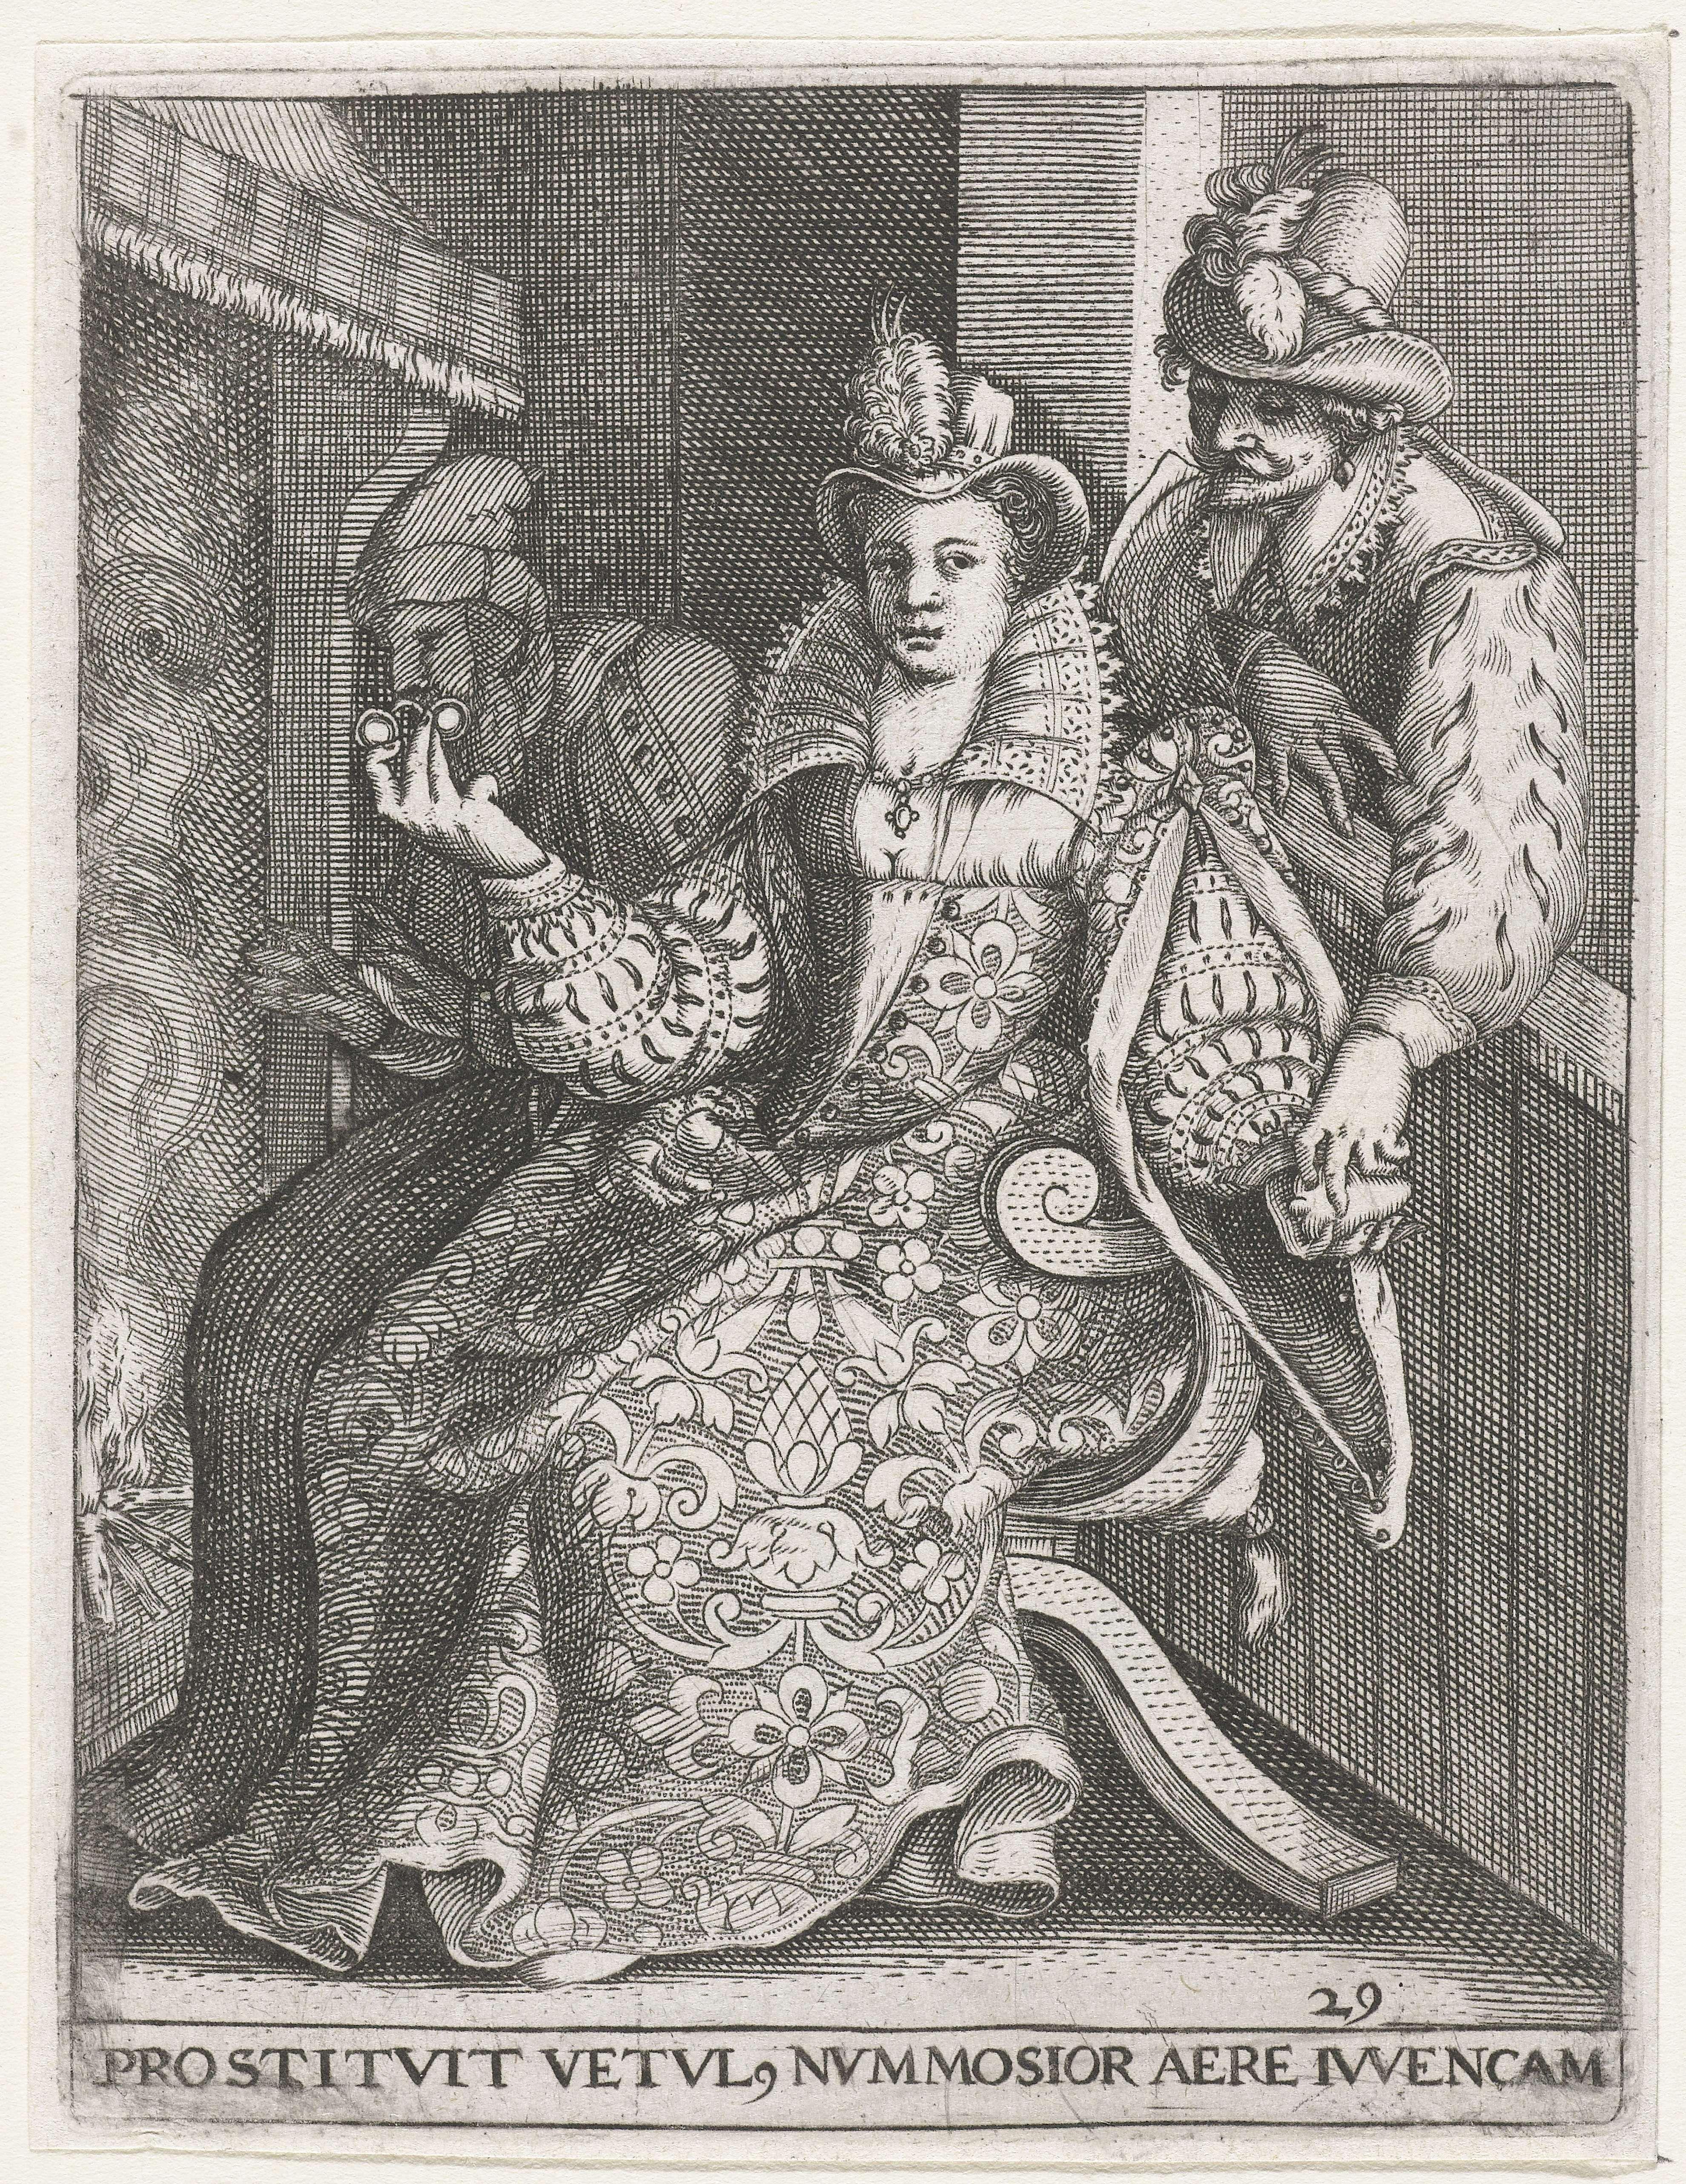 Johann Theodor de Bry   Jonge vrouw tussen een jonge en een oude man, Johann Theodor de Bry, Gillis van Breen, Pieter de Jode, 1596   Een elegant geklede dame zit voor een open haardvuur, tussen een jonge man aan wie zij haar hart schenkt en een oude man, die zij een bril voorhoudt. De jongeman neemt het hart in ontvangst. De oude man (den ouden couden hutselaer) wordt 'gebrild', dat wil zeggen bedrogen en mag zijn koude handen aan het haardvuur verwarmen. De prent van Gilles van Breen naar…